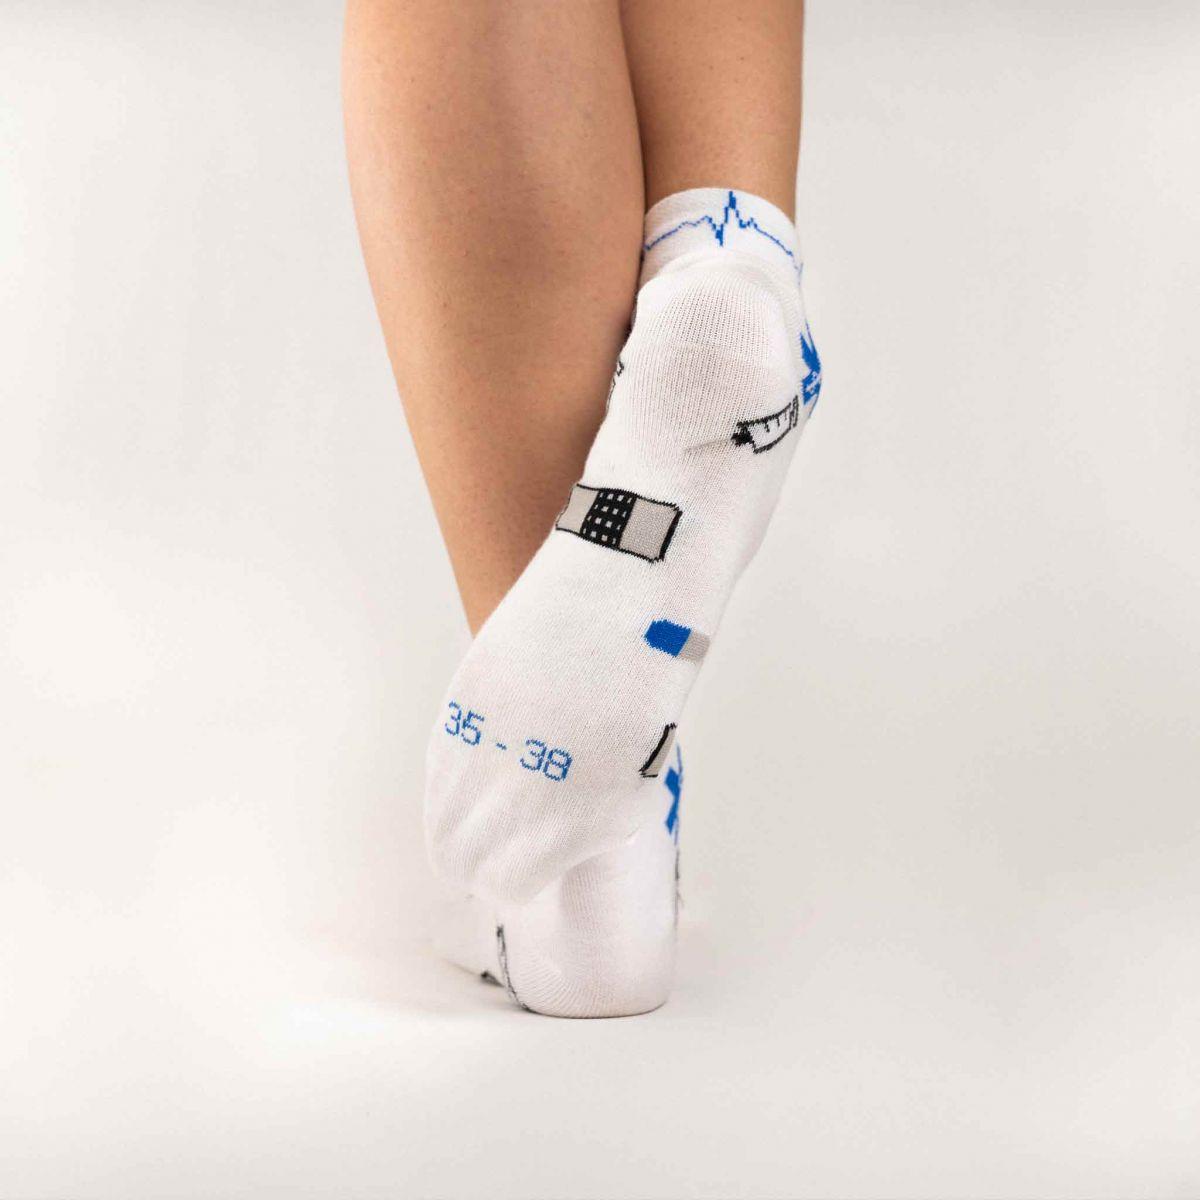 Socken - Gesundheitswesen - niedrig p4